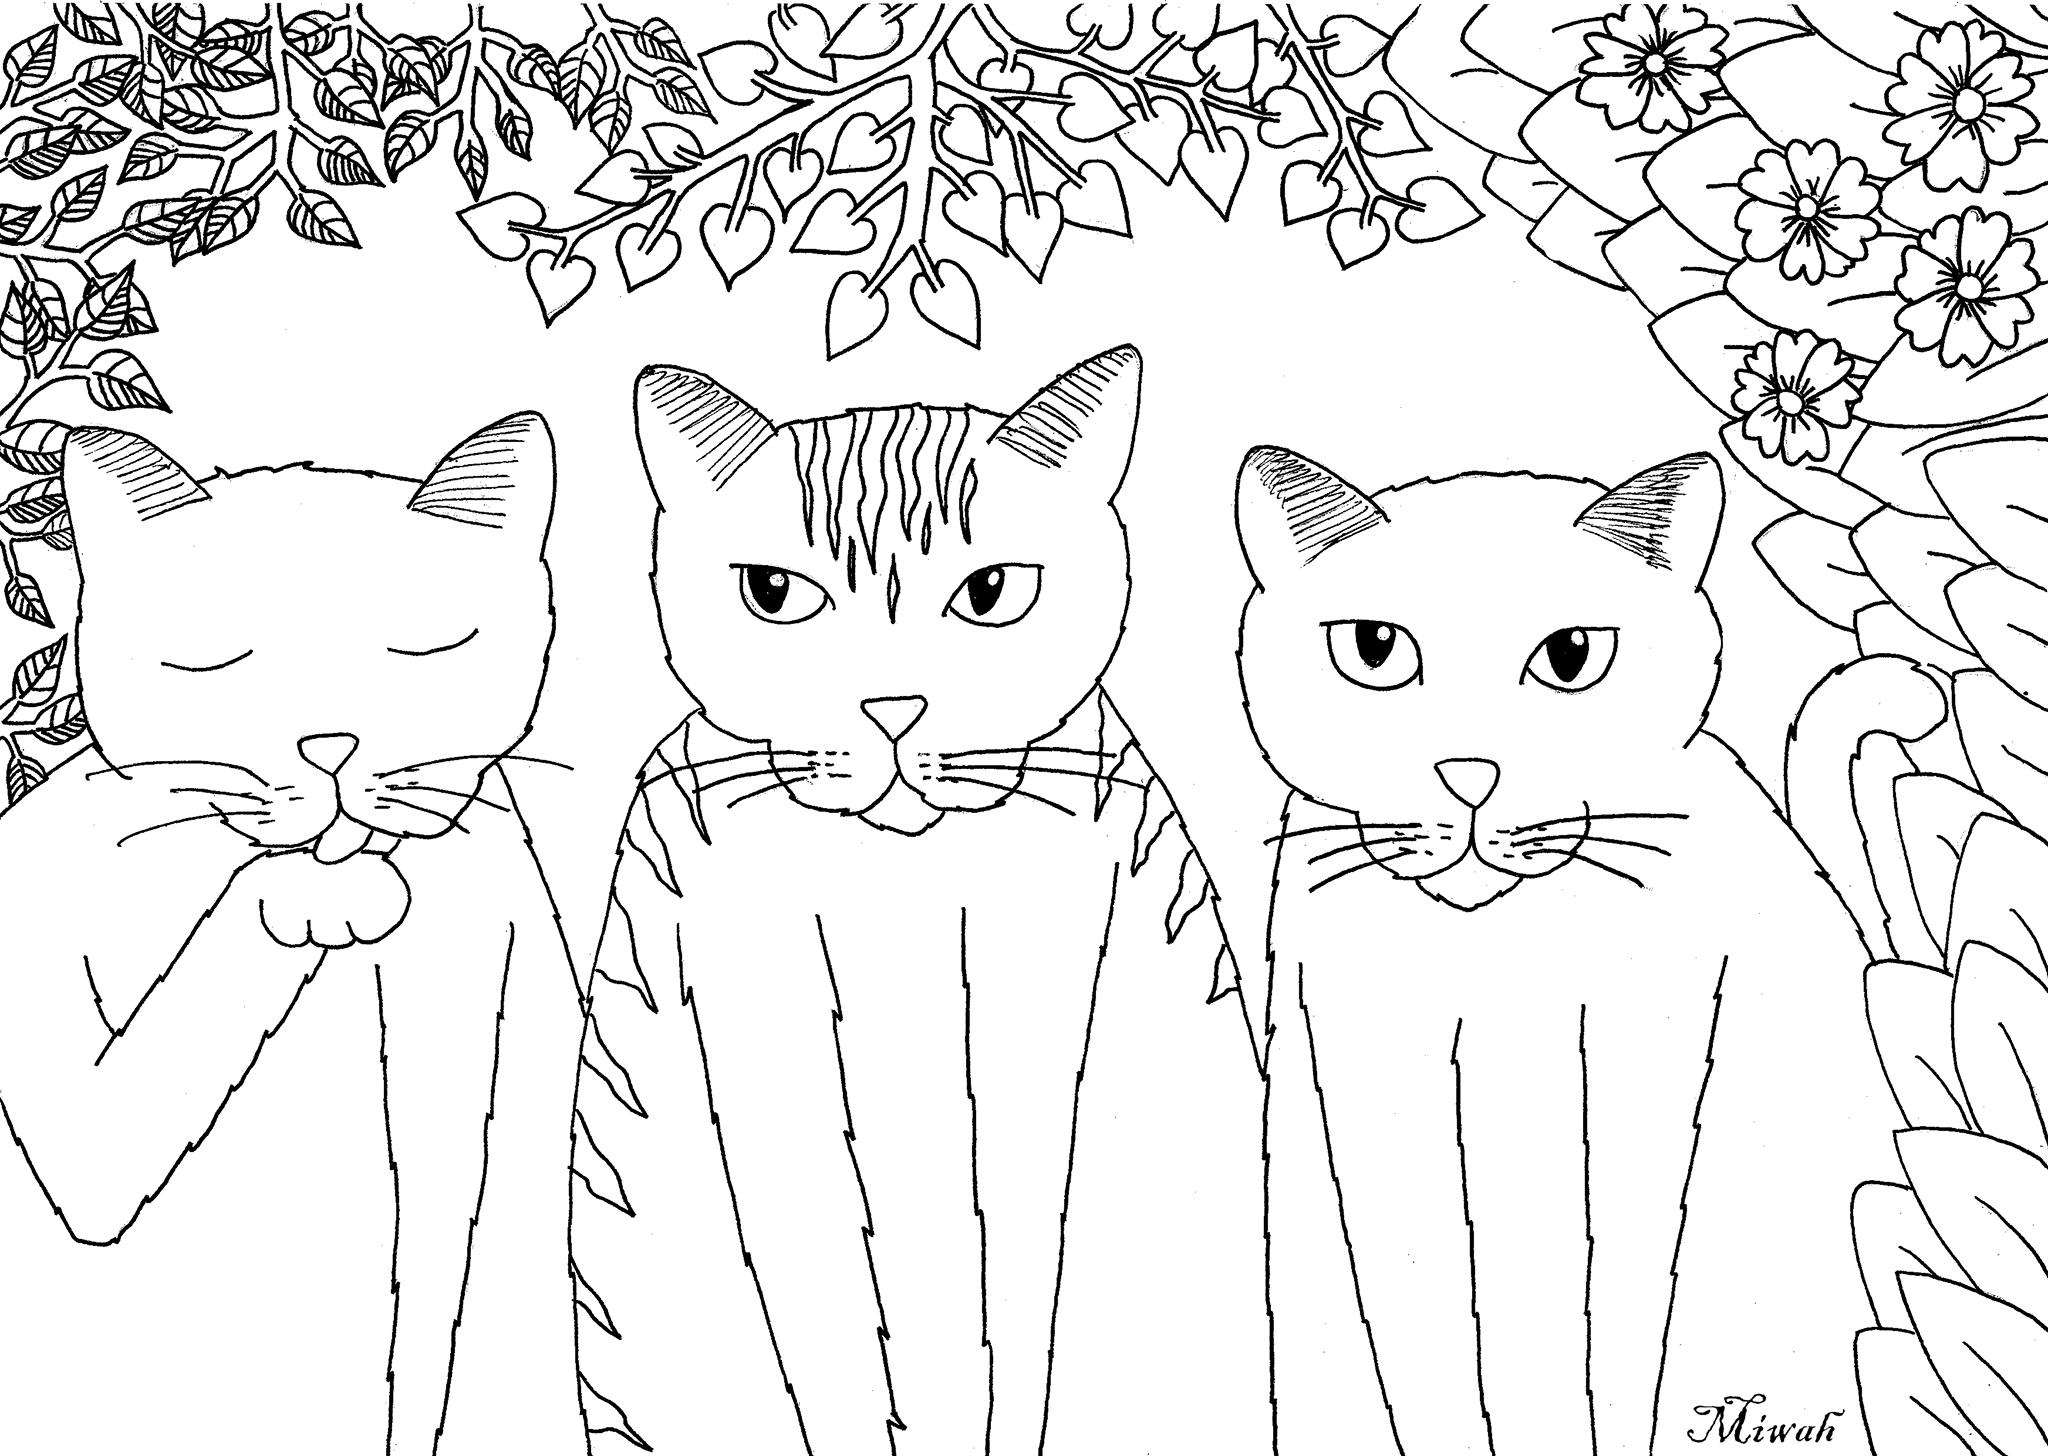 Trois Petits Chats Par Miwah | Animaux - Coloriages à Dessin De Petit Chat